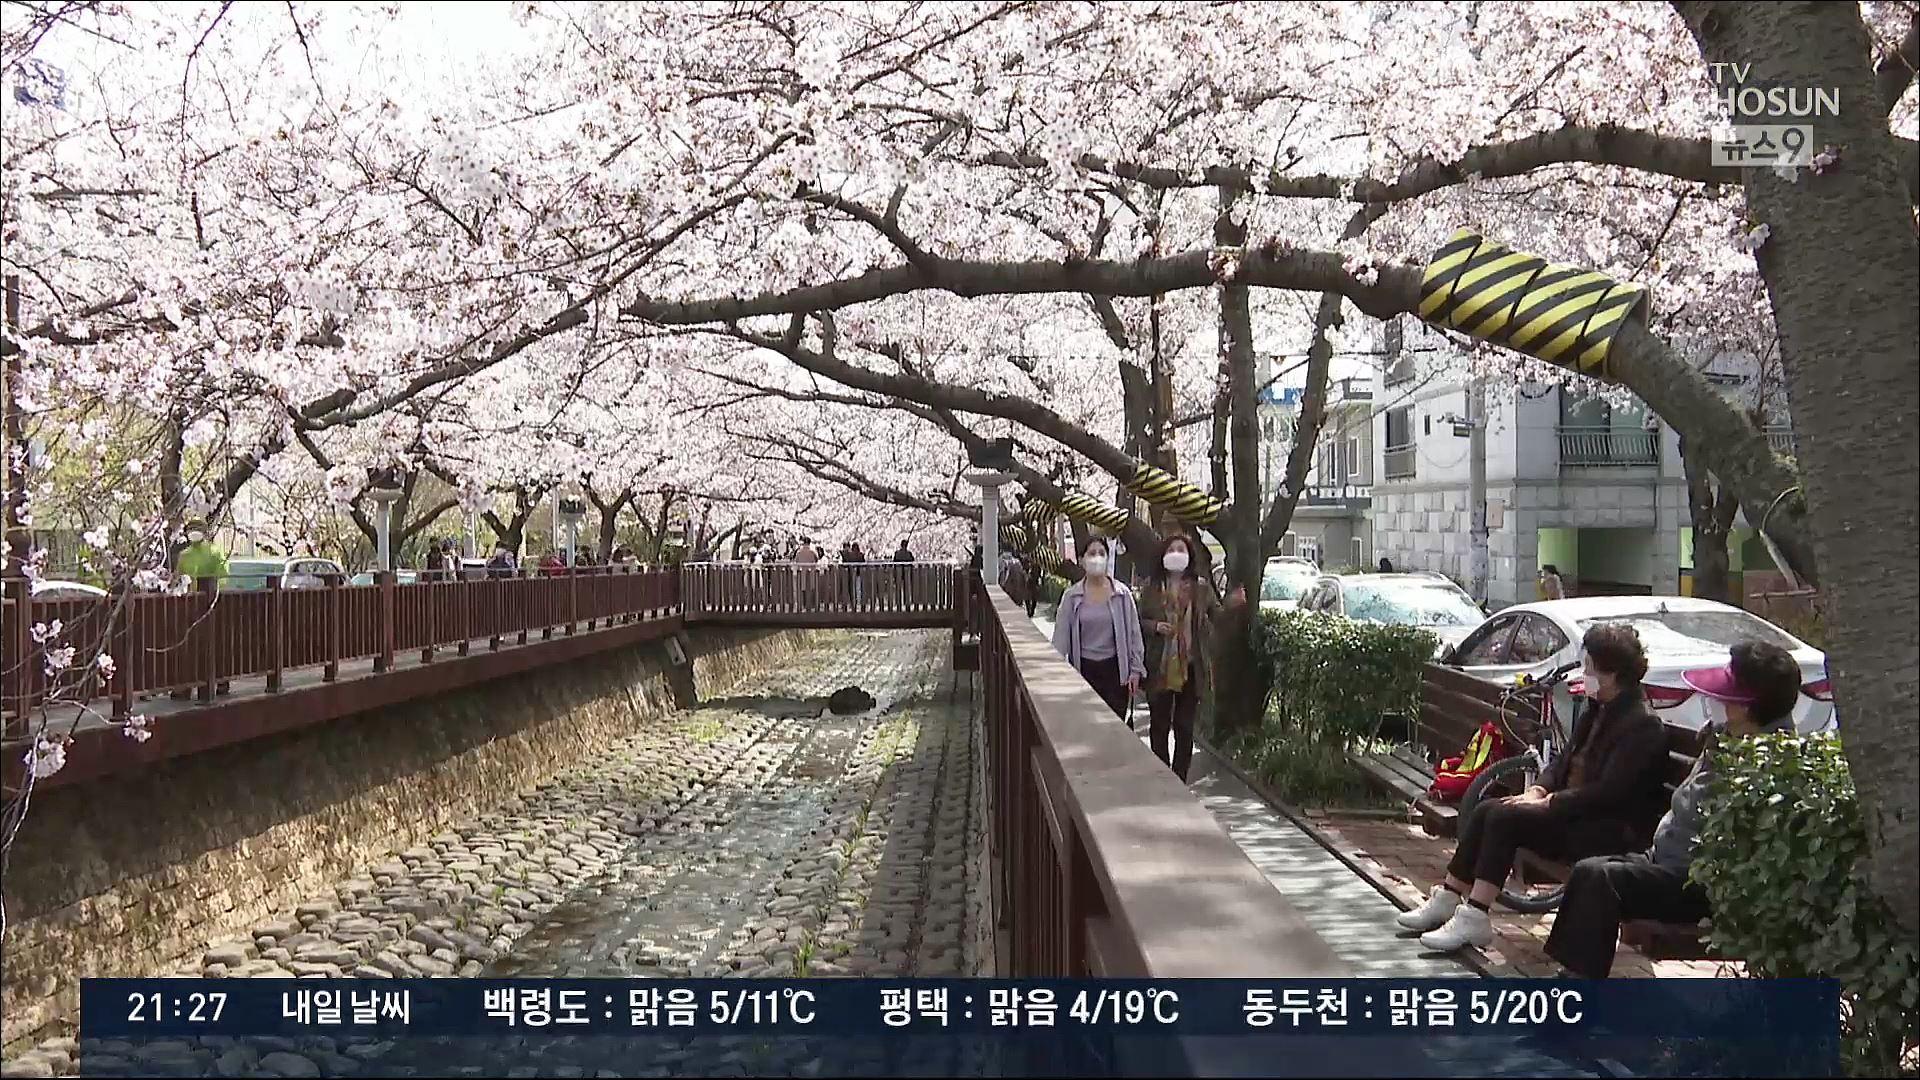 벚꽃 인파에 시민 '불안'…봄꽃 명소마다 방역 골머리